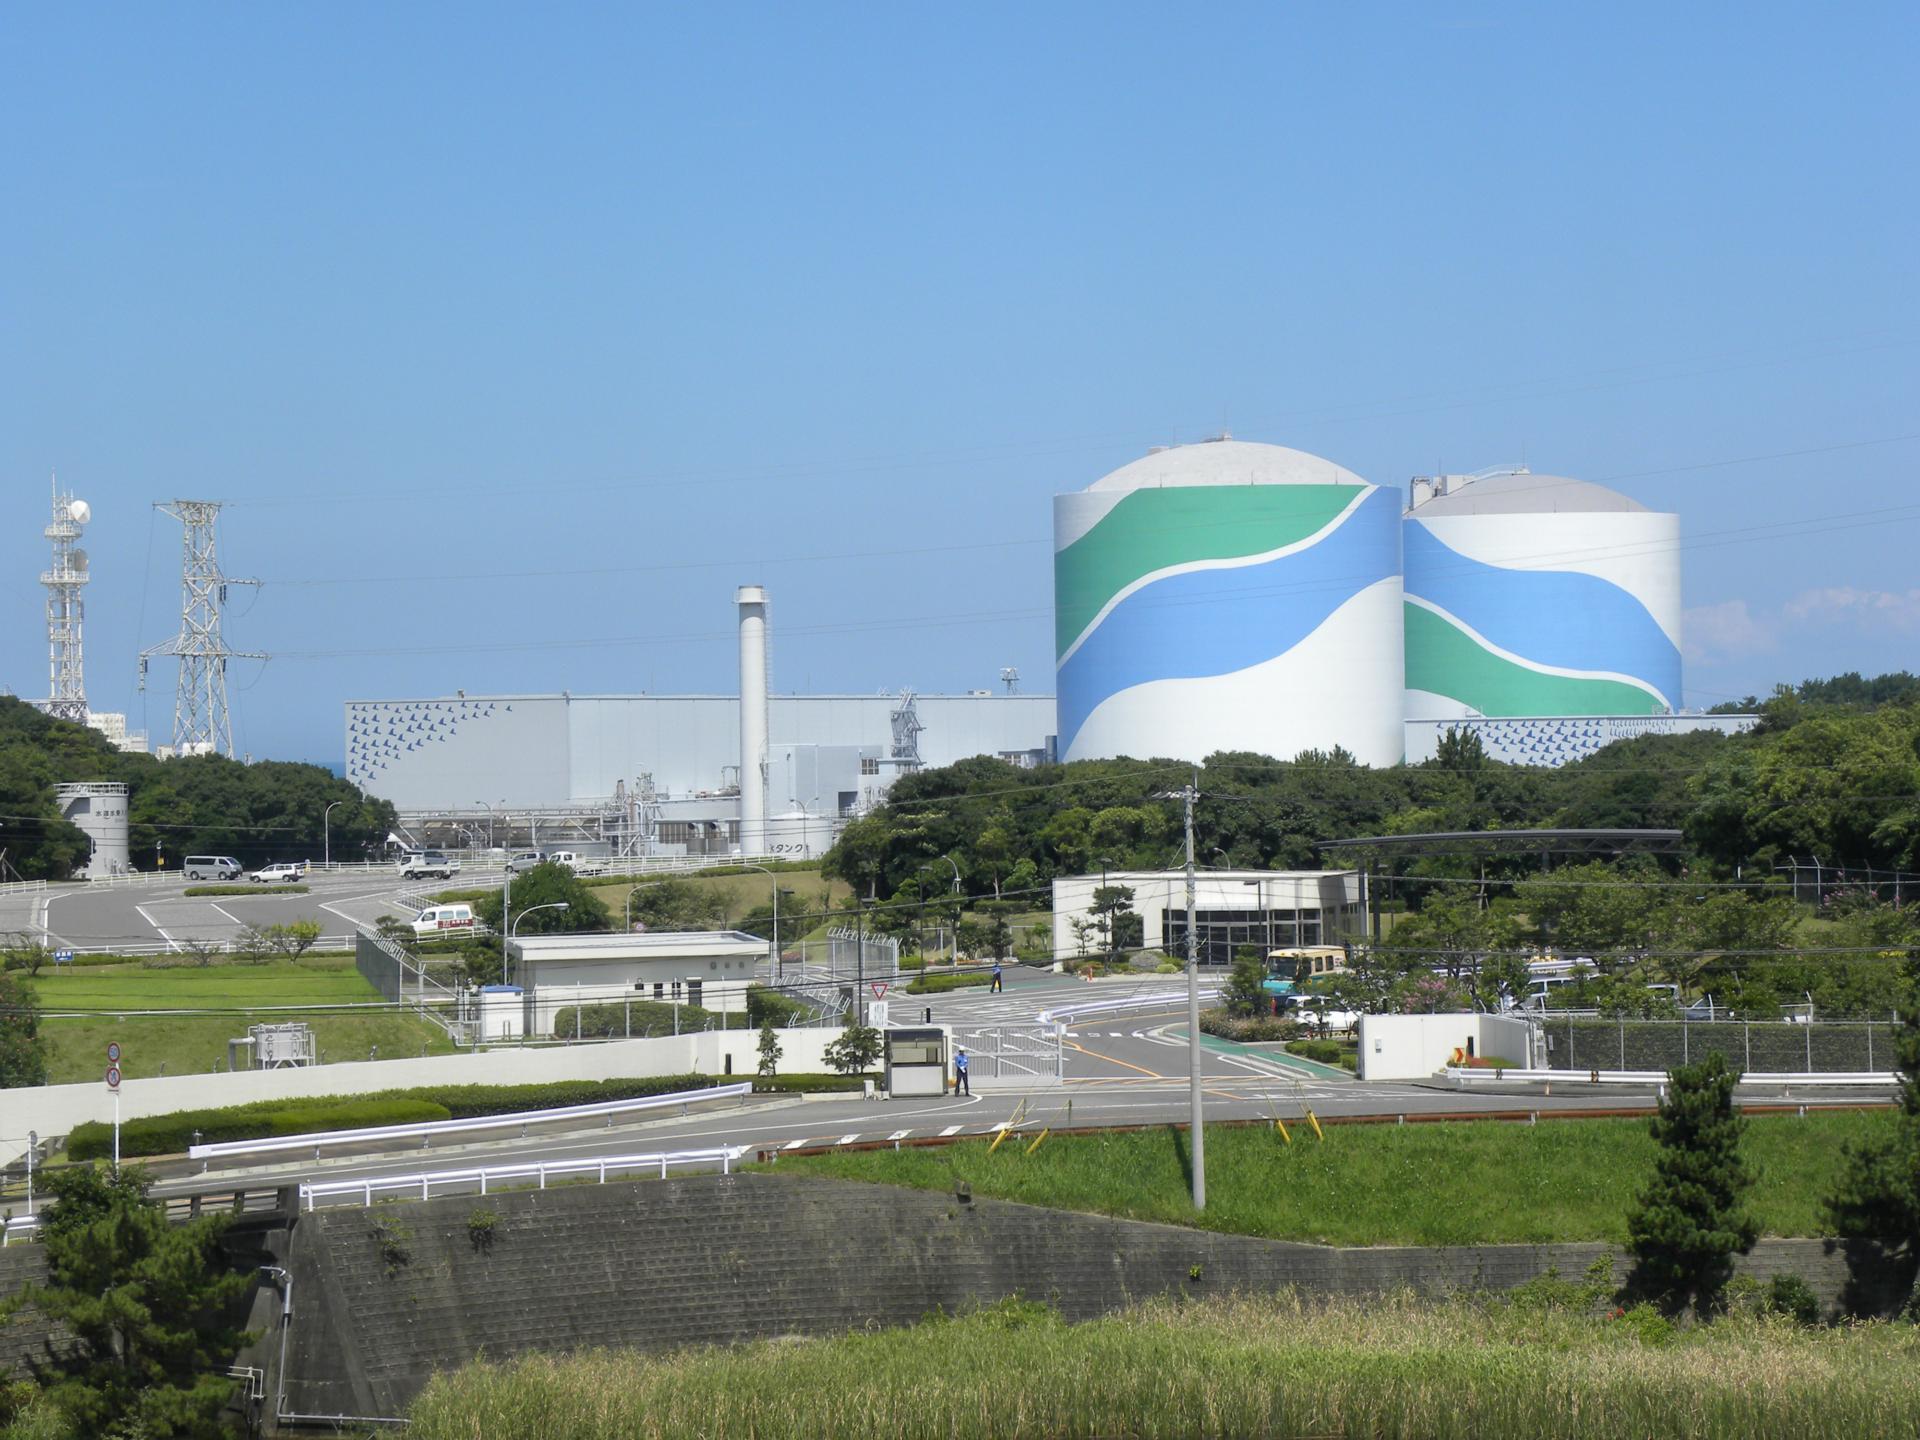 日本の8原発計13基の圧力容器に強度不足の疑いが浮上!フランスと日本のメーカーが製造!